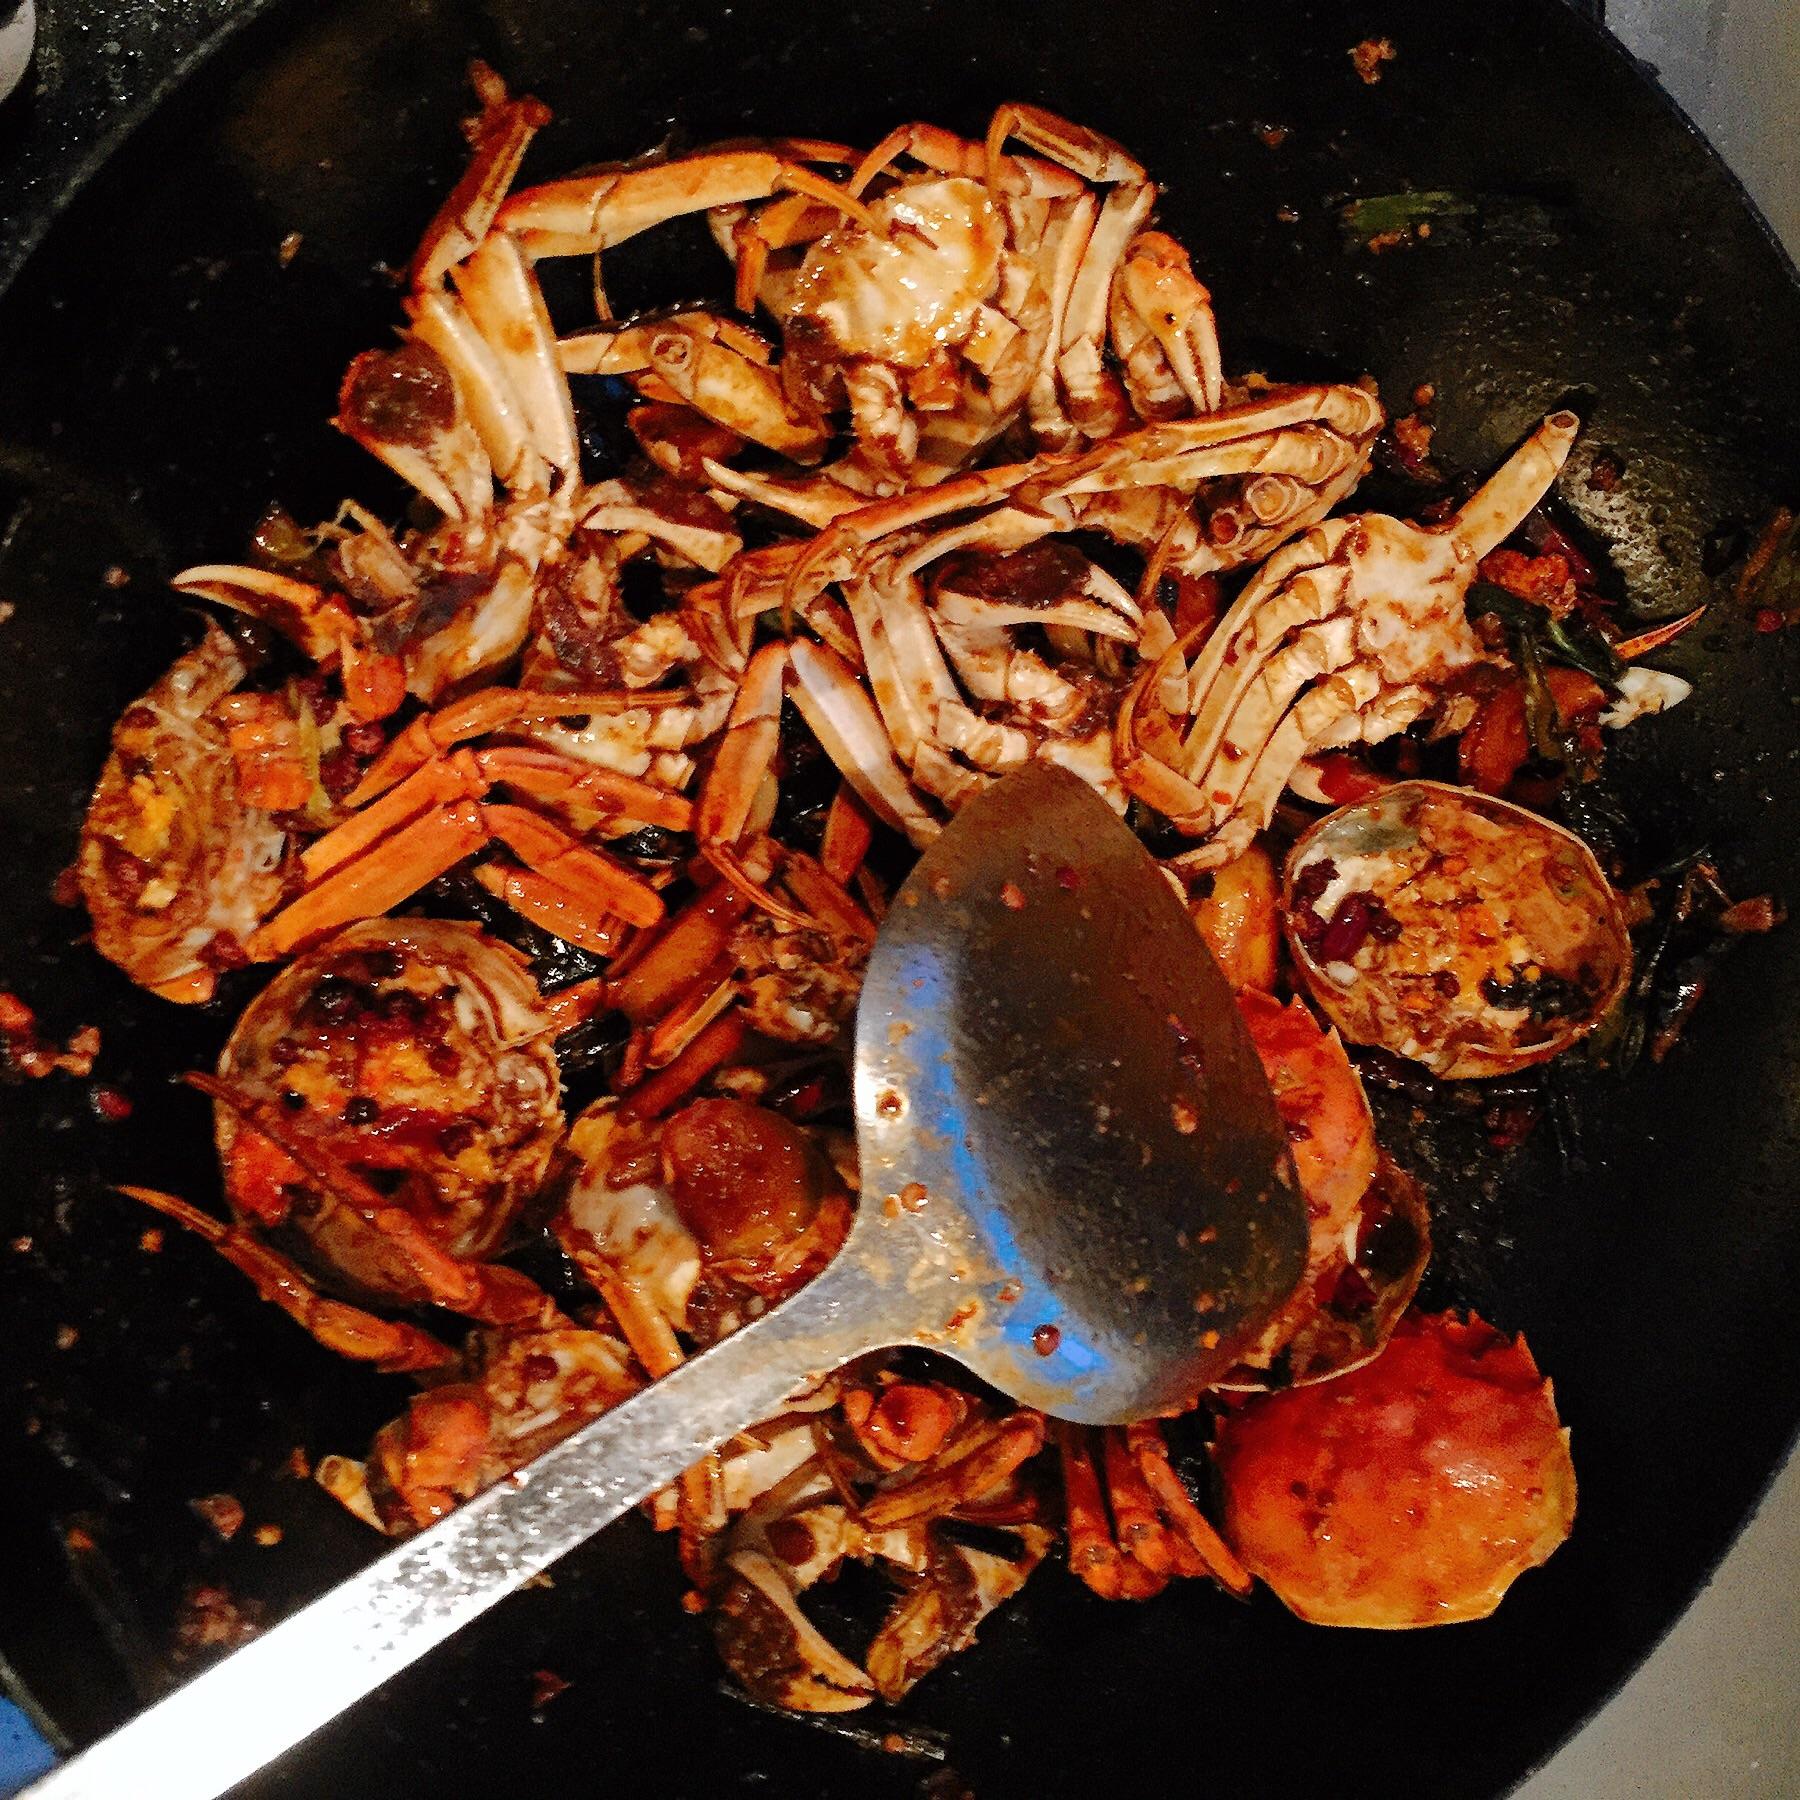 再翻炒两种豆瓣酱放入一分钟放入大火改火锅再翻炒几下放入螃蟹底三门视频青蟹做法图片